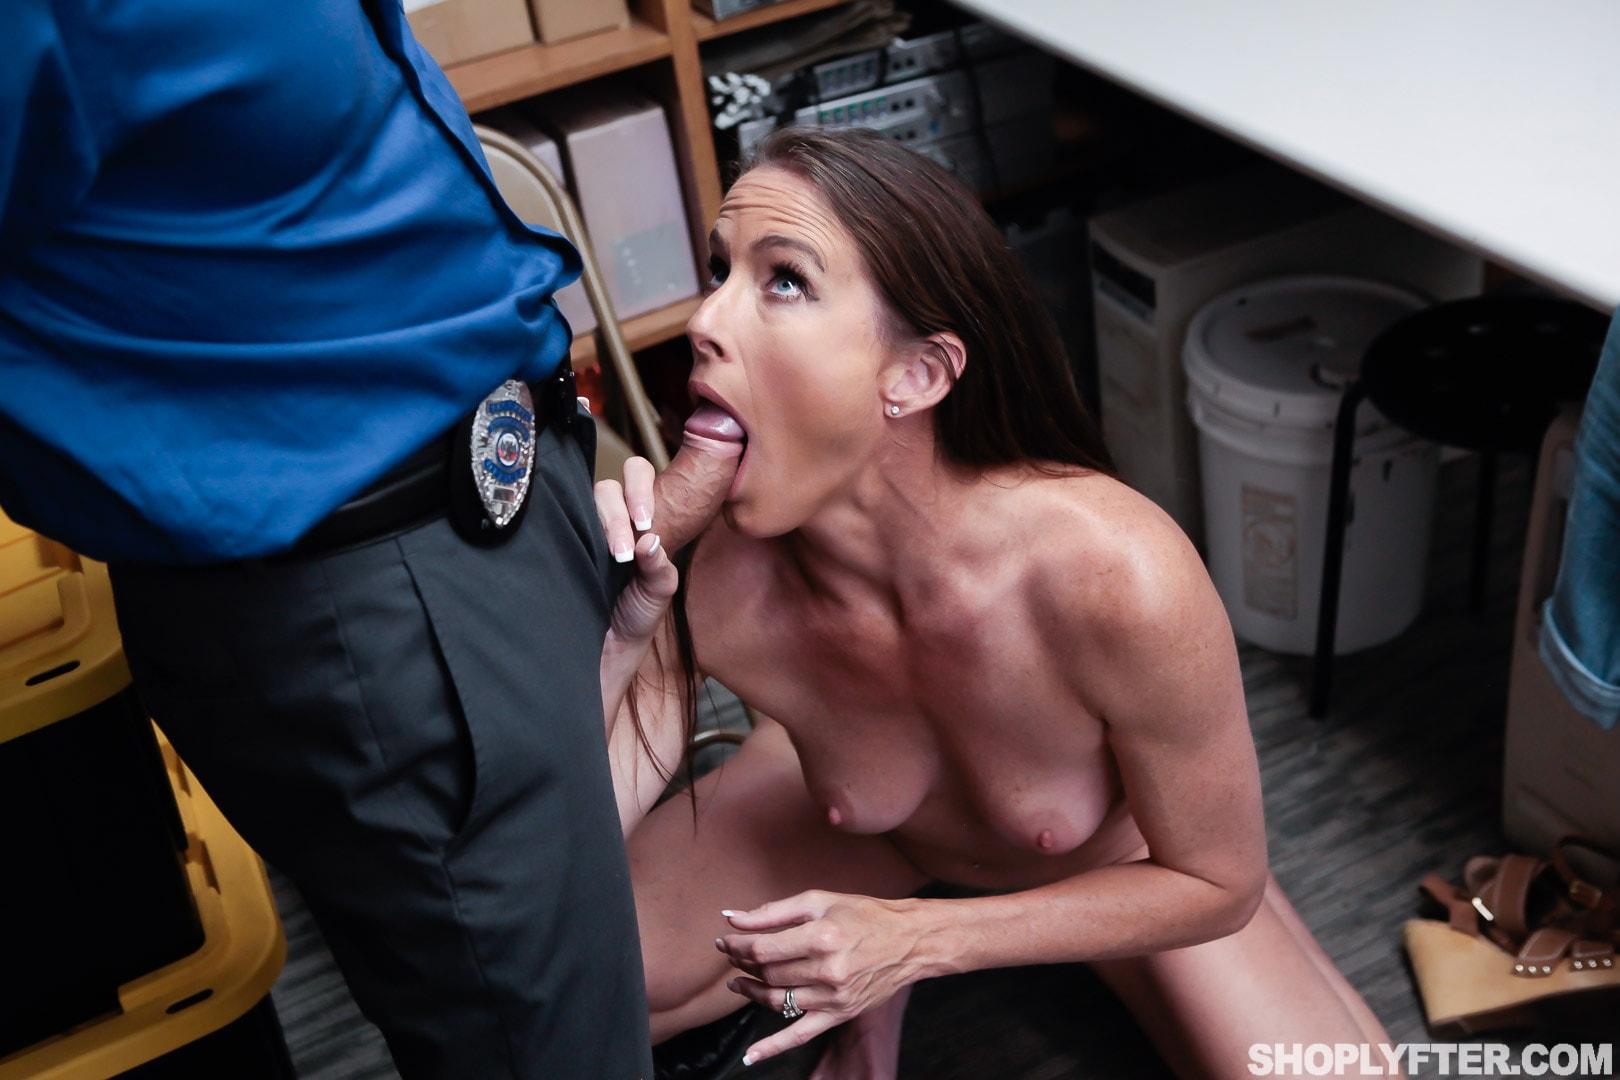 Team Skeet 'Case No. 4185156' starring Sofie Marie (Photo 89)